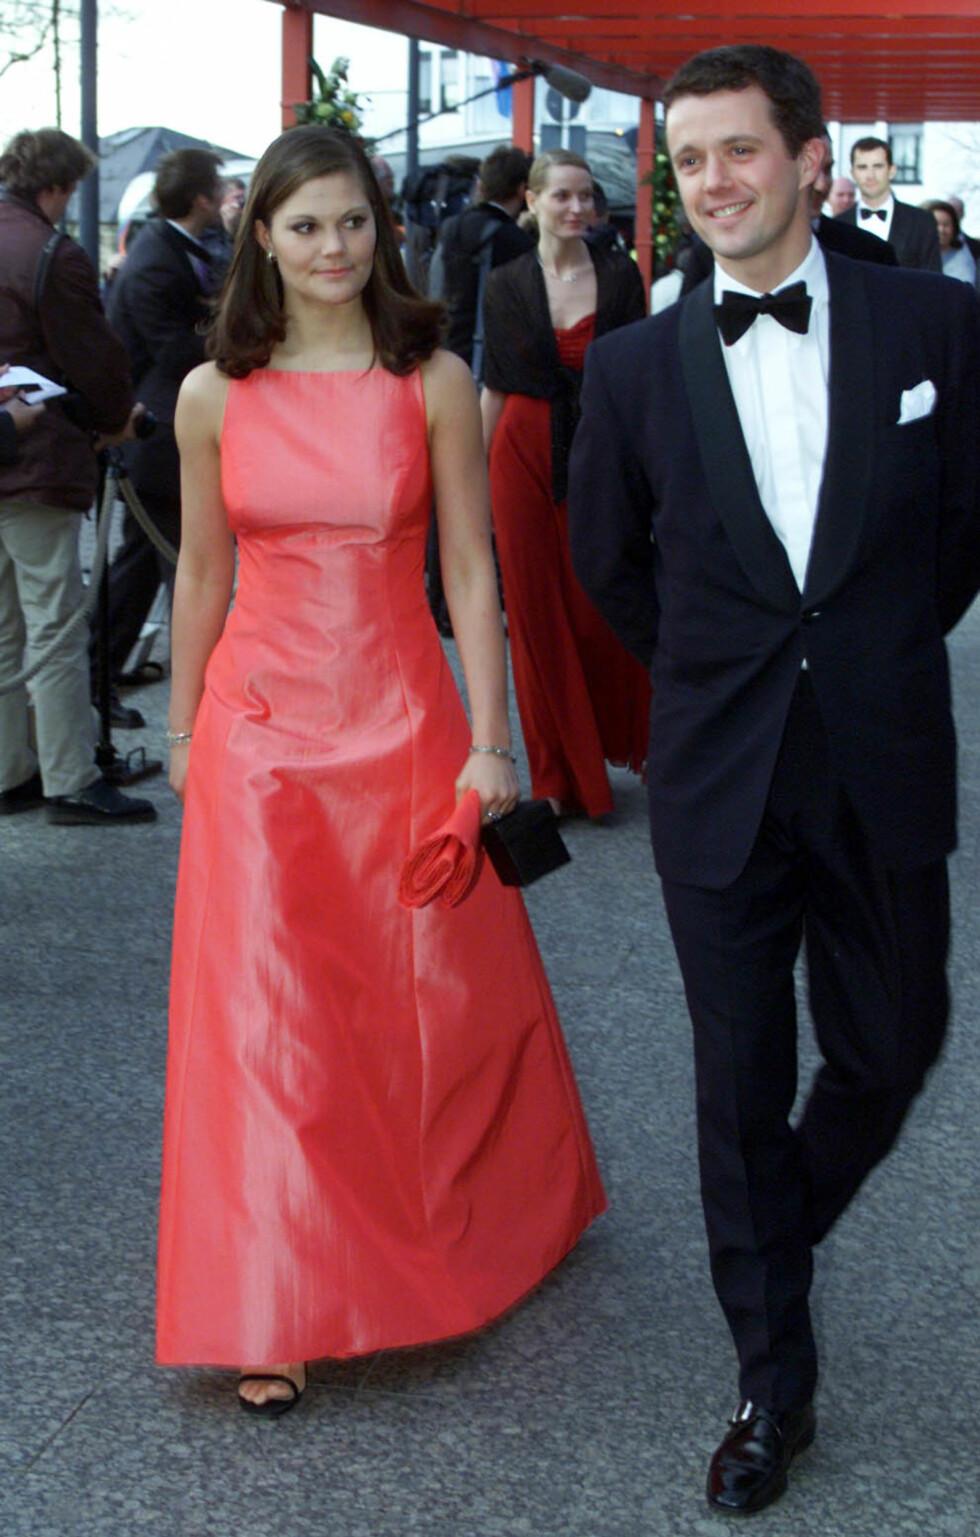 FEIRING: Kronprinsesse Victoria fotografert i 2001 i forbindelse med Luxembourgs feiring av storhertug Henris overtagelse av tronen. Her med kronprins Frederik av Danmark. FOTO: NTB scanpix